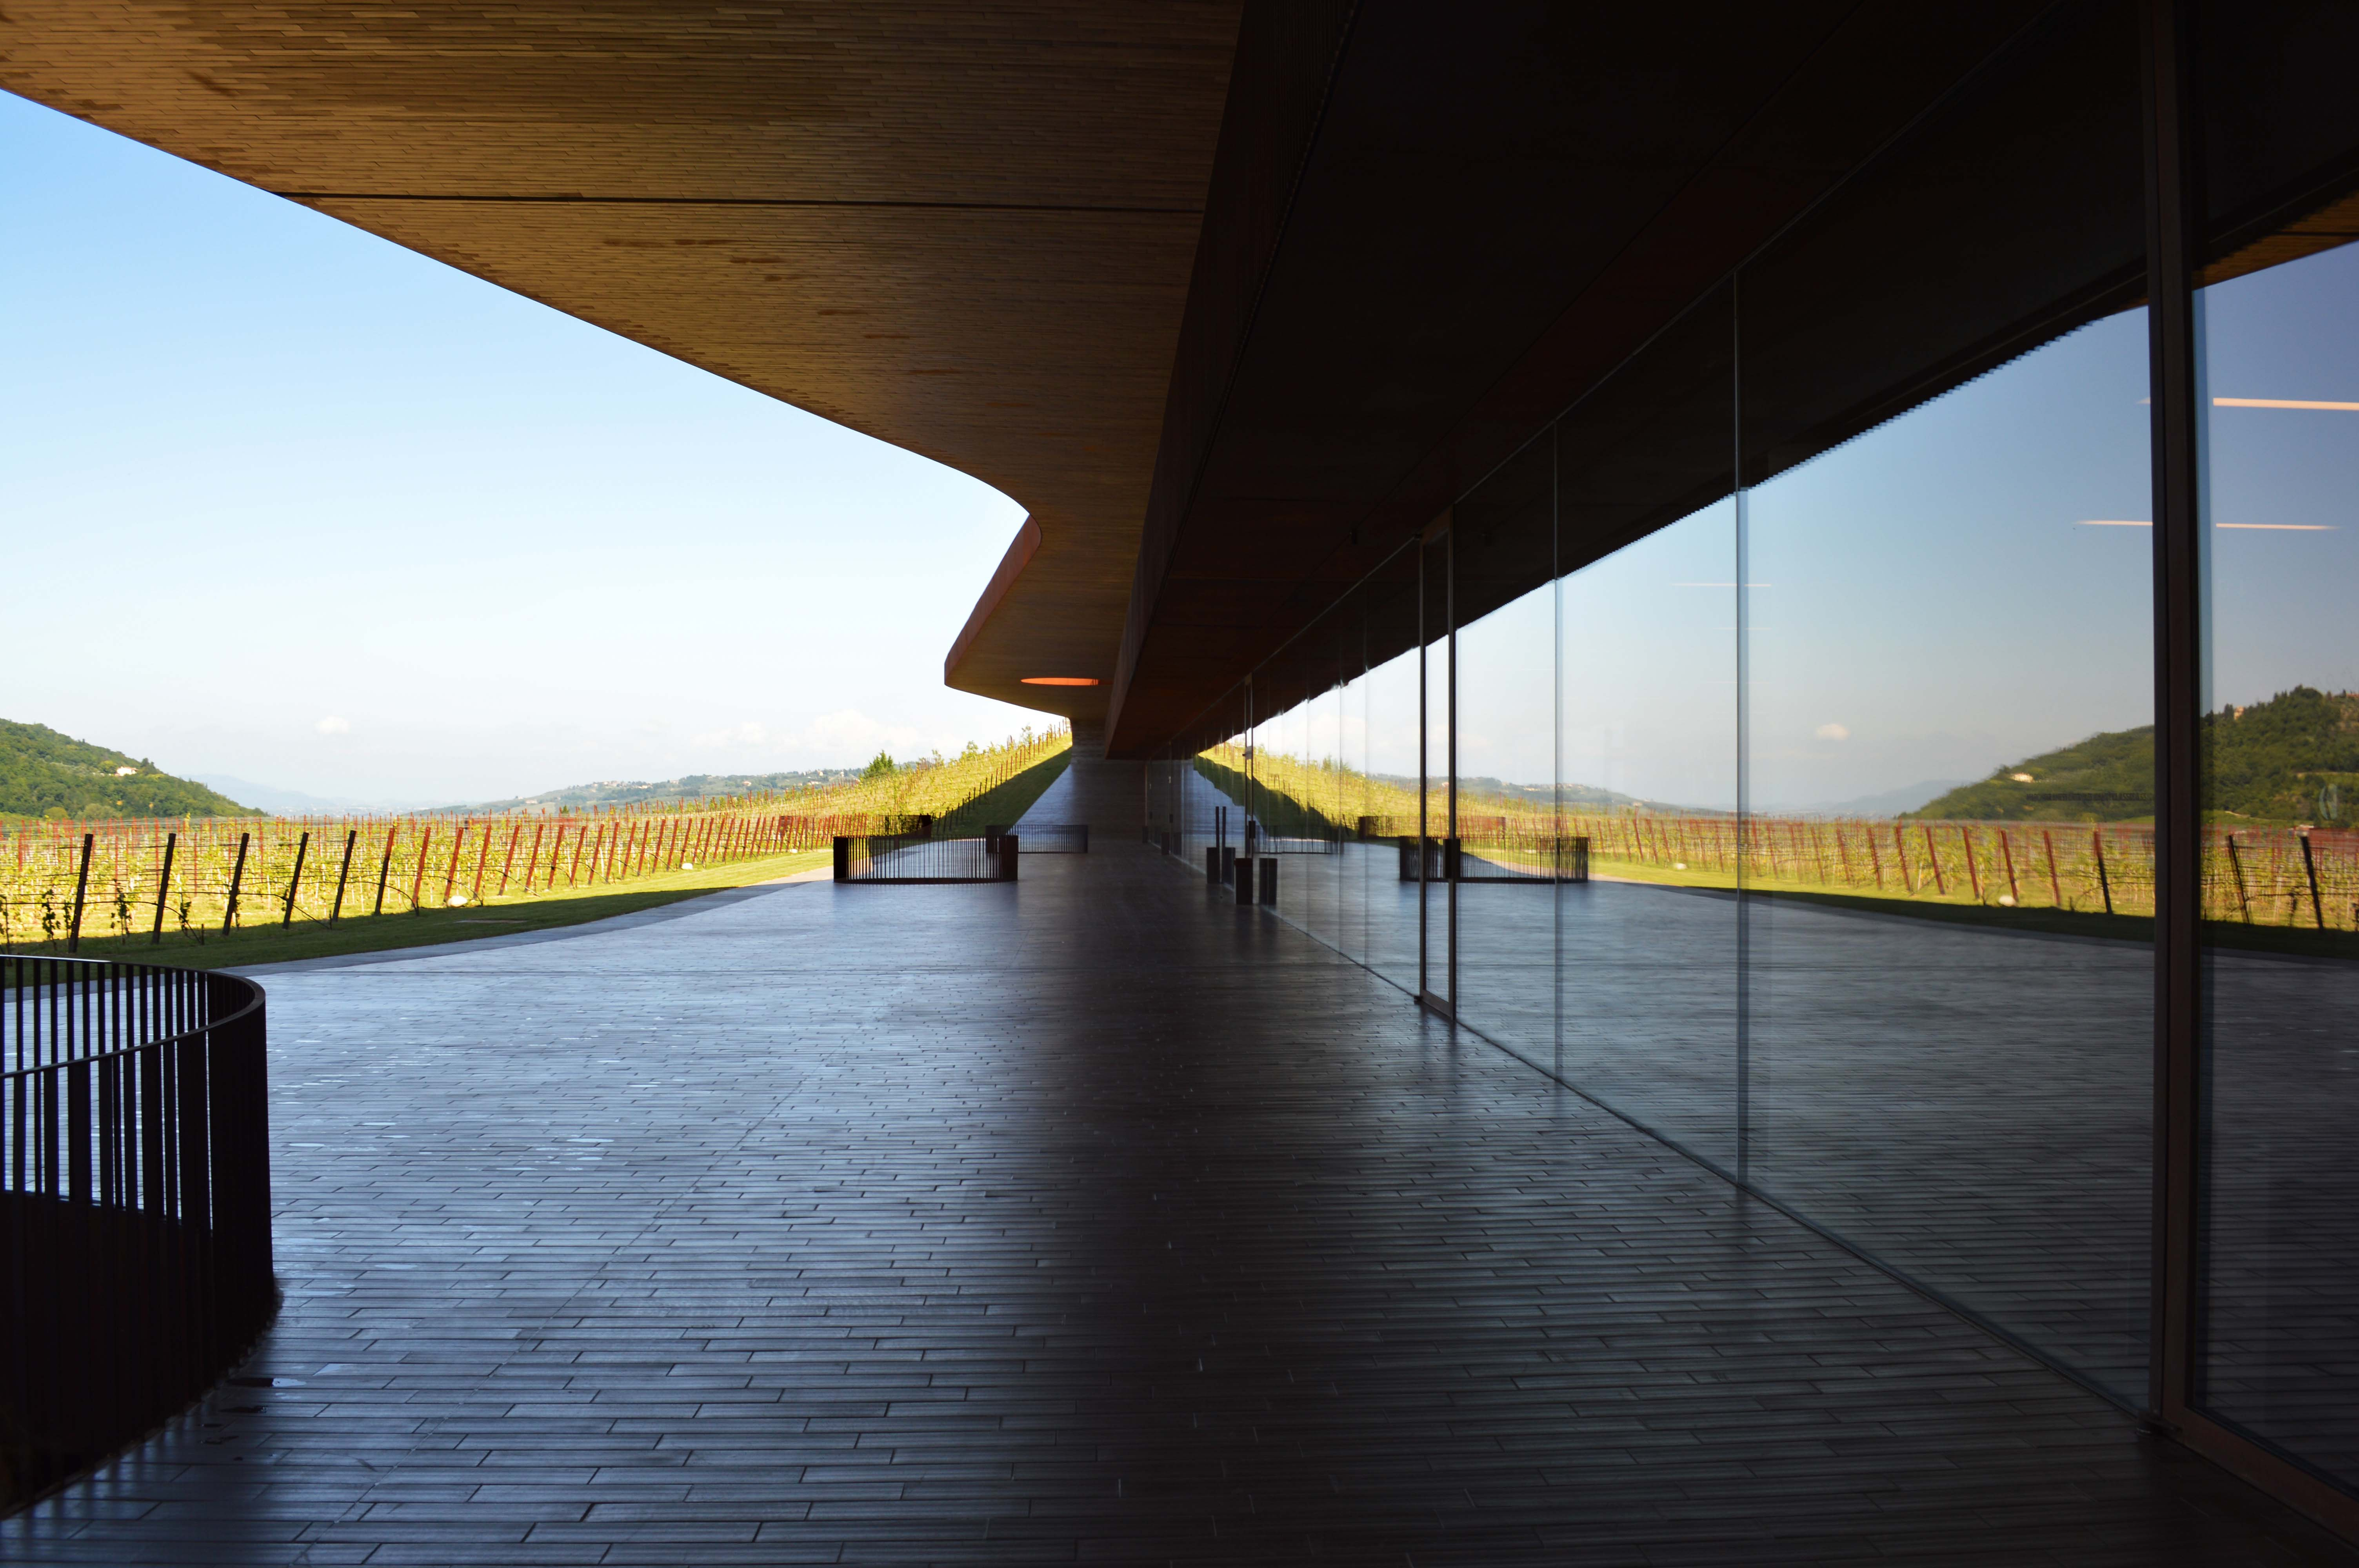 Antinori Winery-Archea Associati